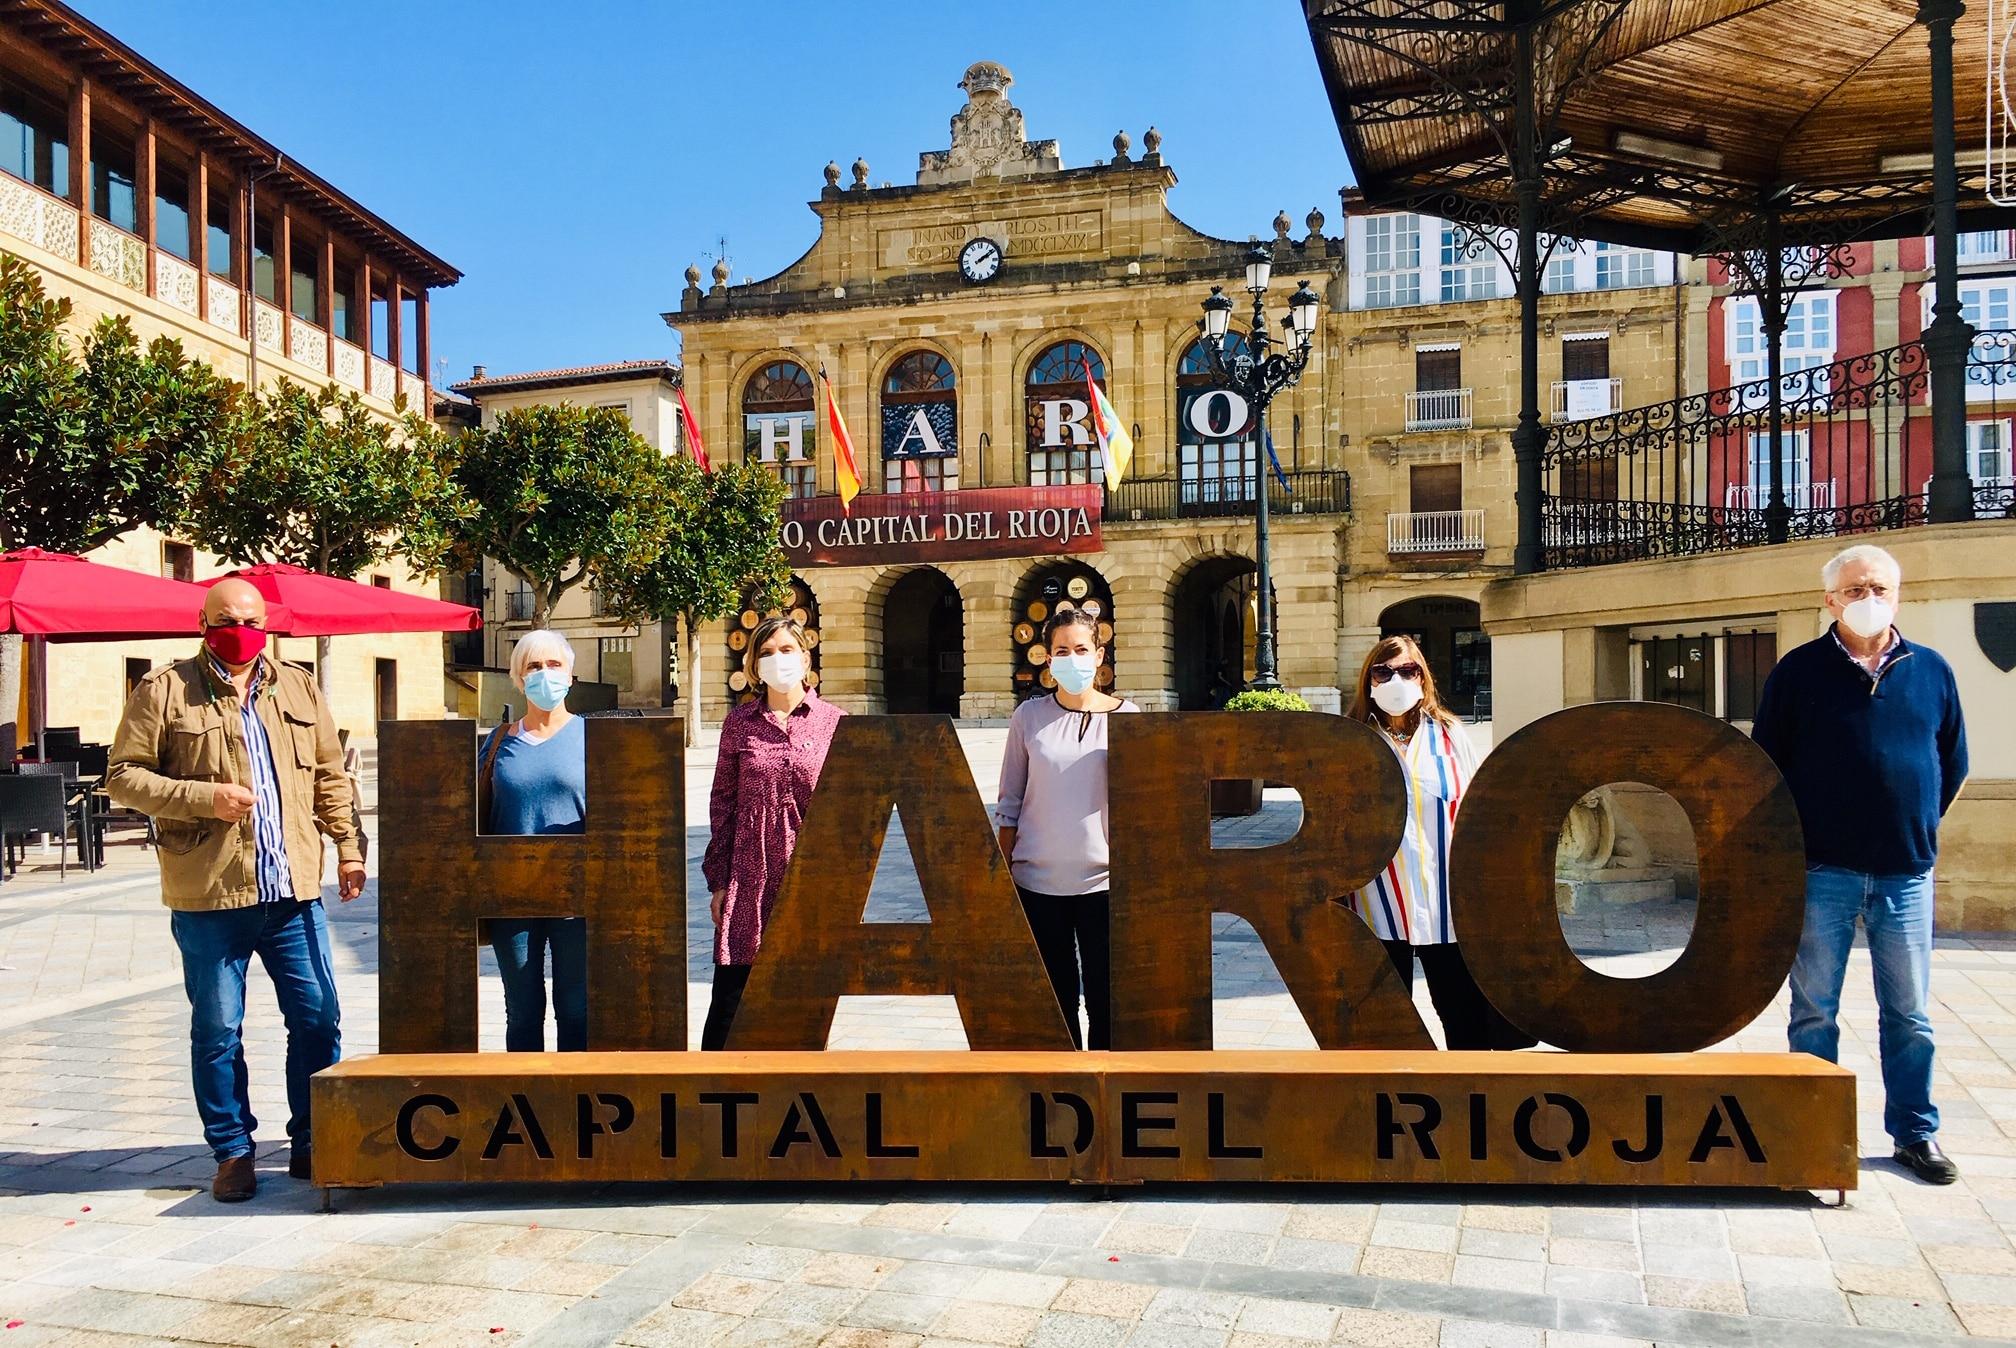 La plaza de la Paz estrena un photocall con el lema 'Haro, Capital del Rioja' 1